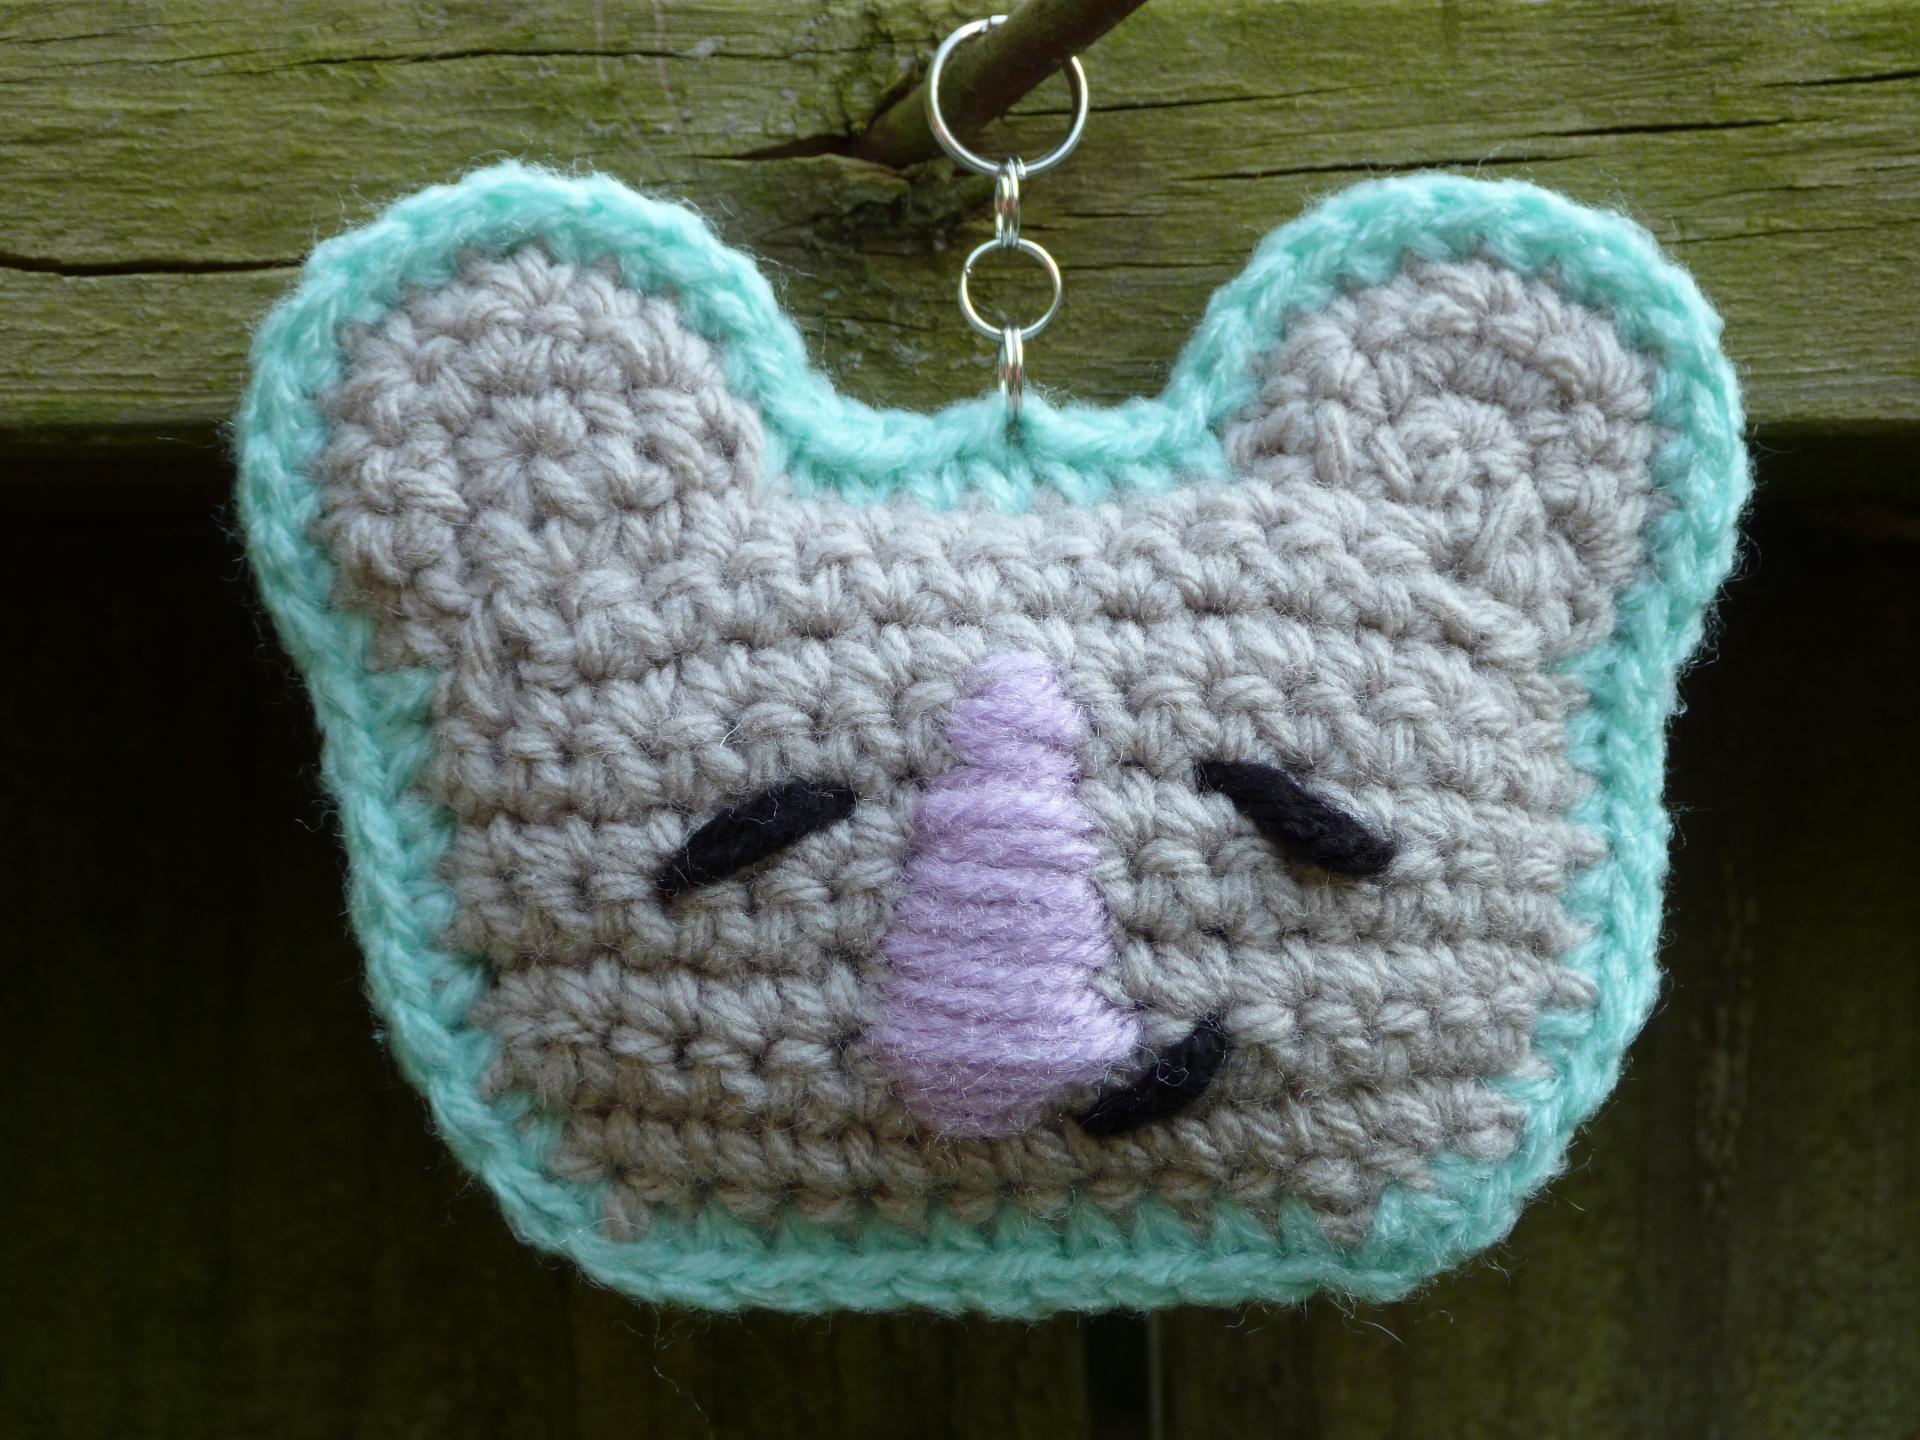 Crochet Spot - Crochet Patterns, Tutorials and News